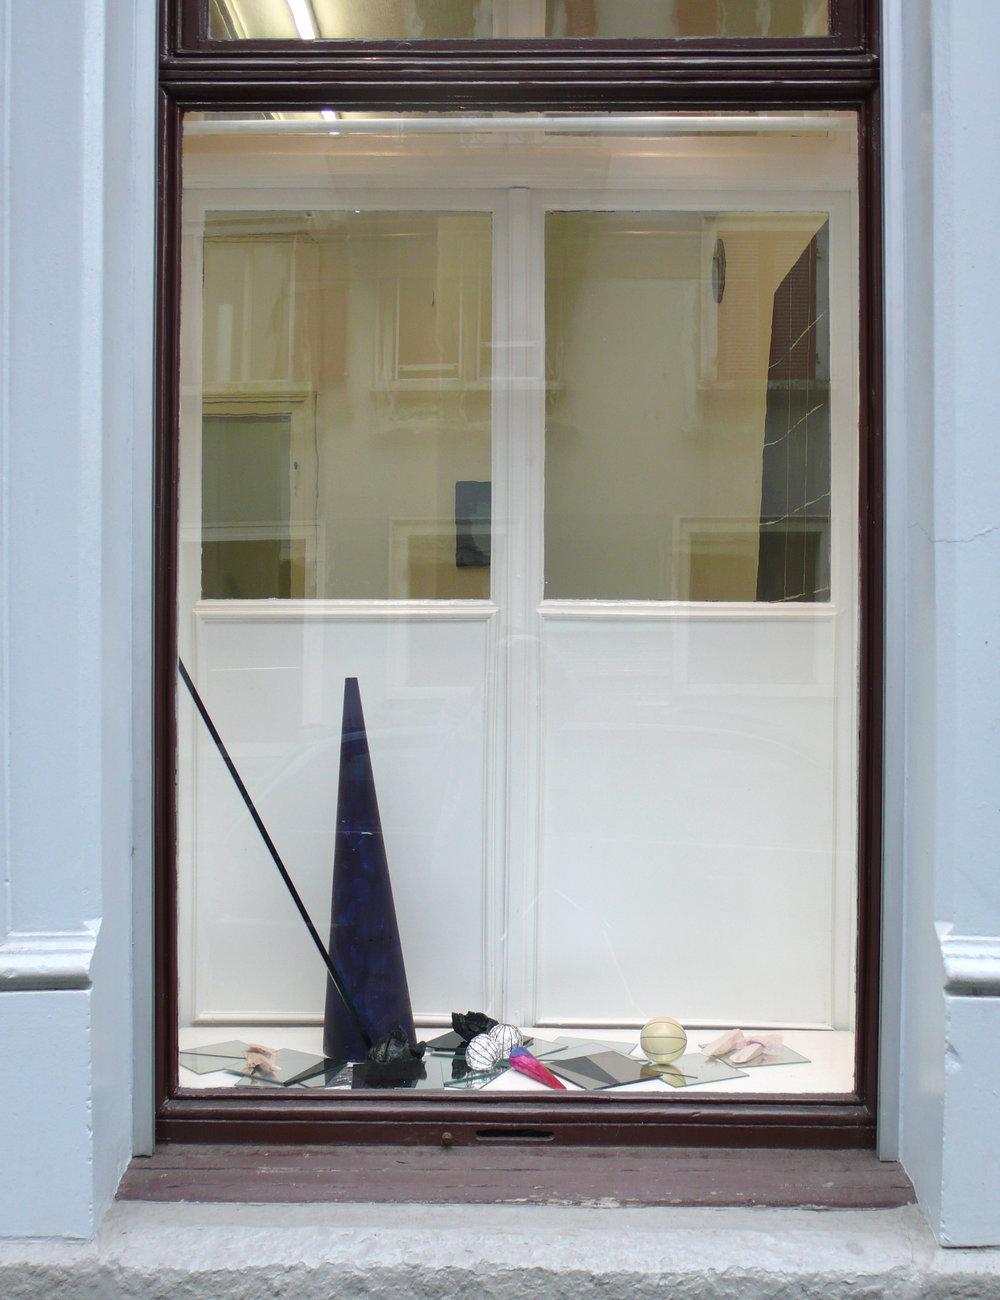 Stilleben mit Kegel, 2010 Gips, Spiegel, Alufolie, Holz, Tusche ca. 80 x 120 x 45 cm